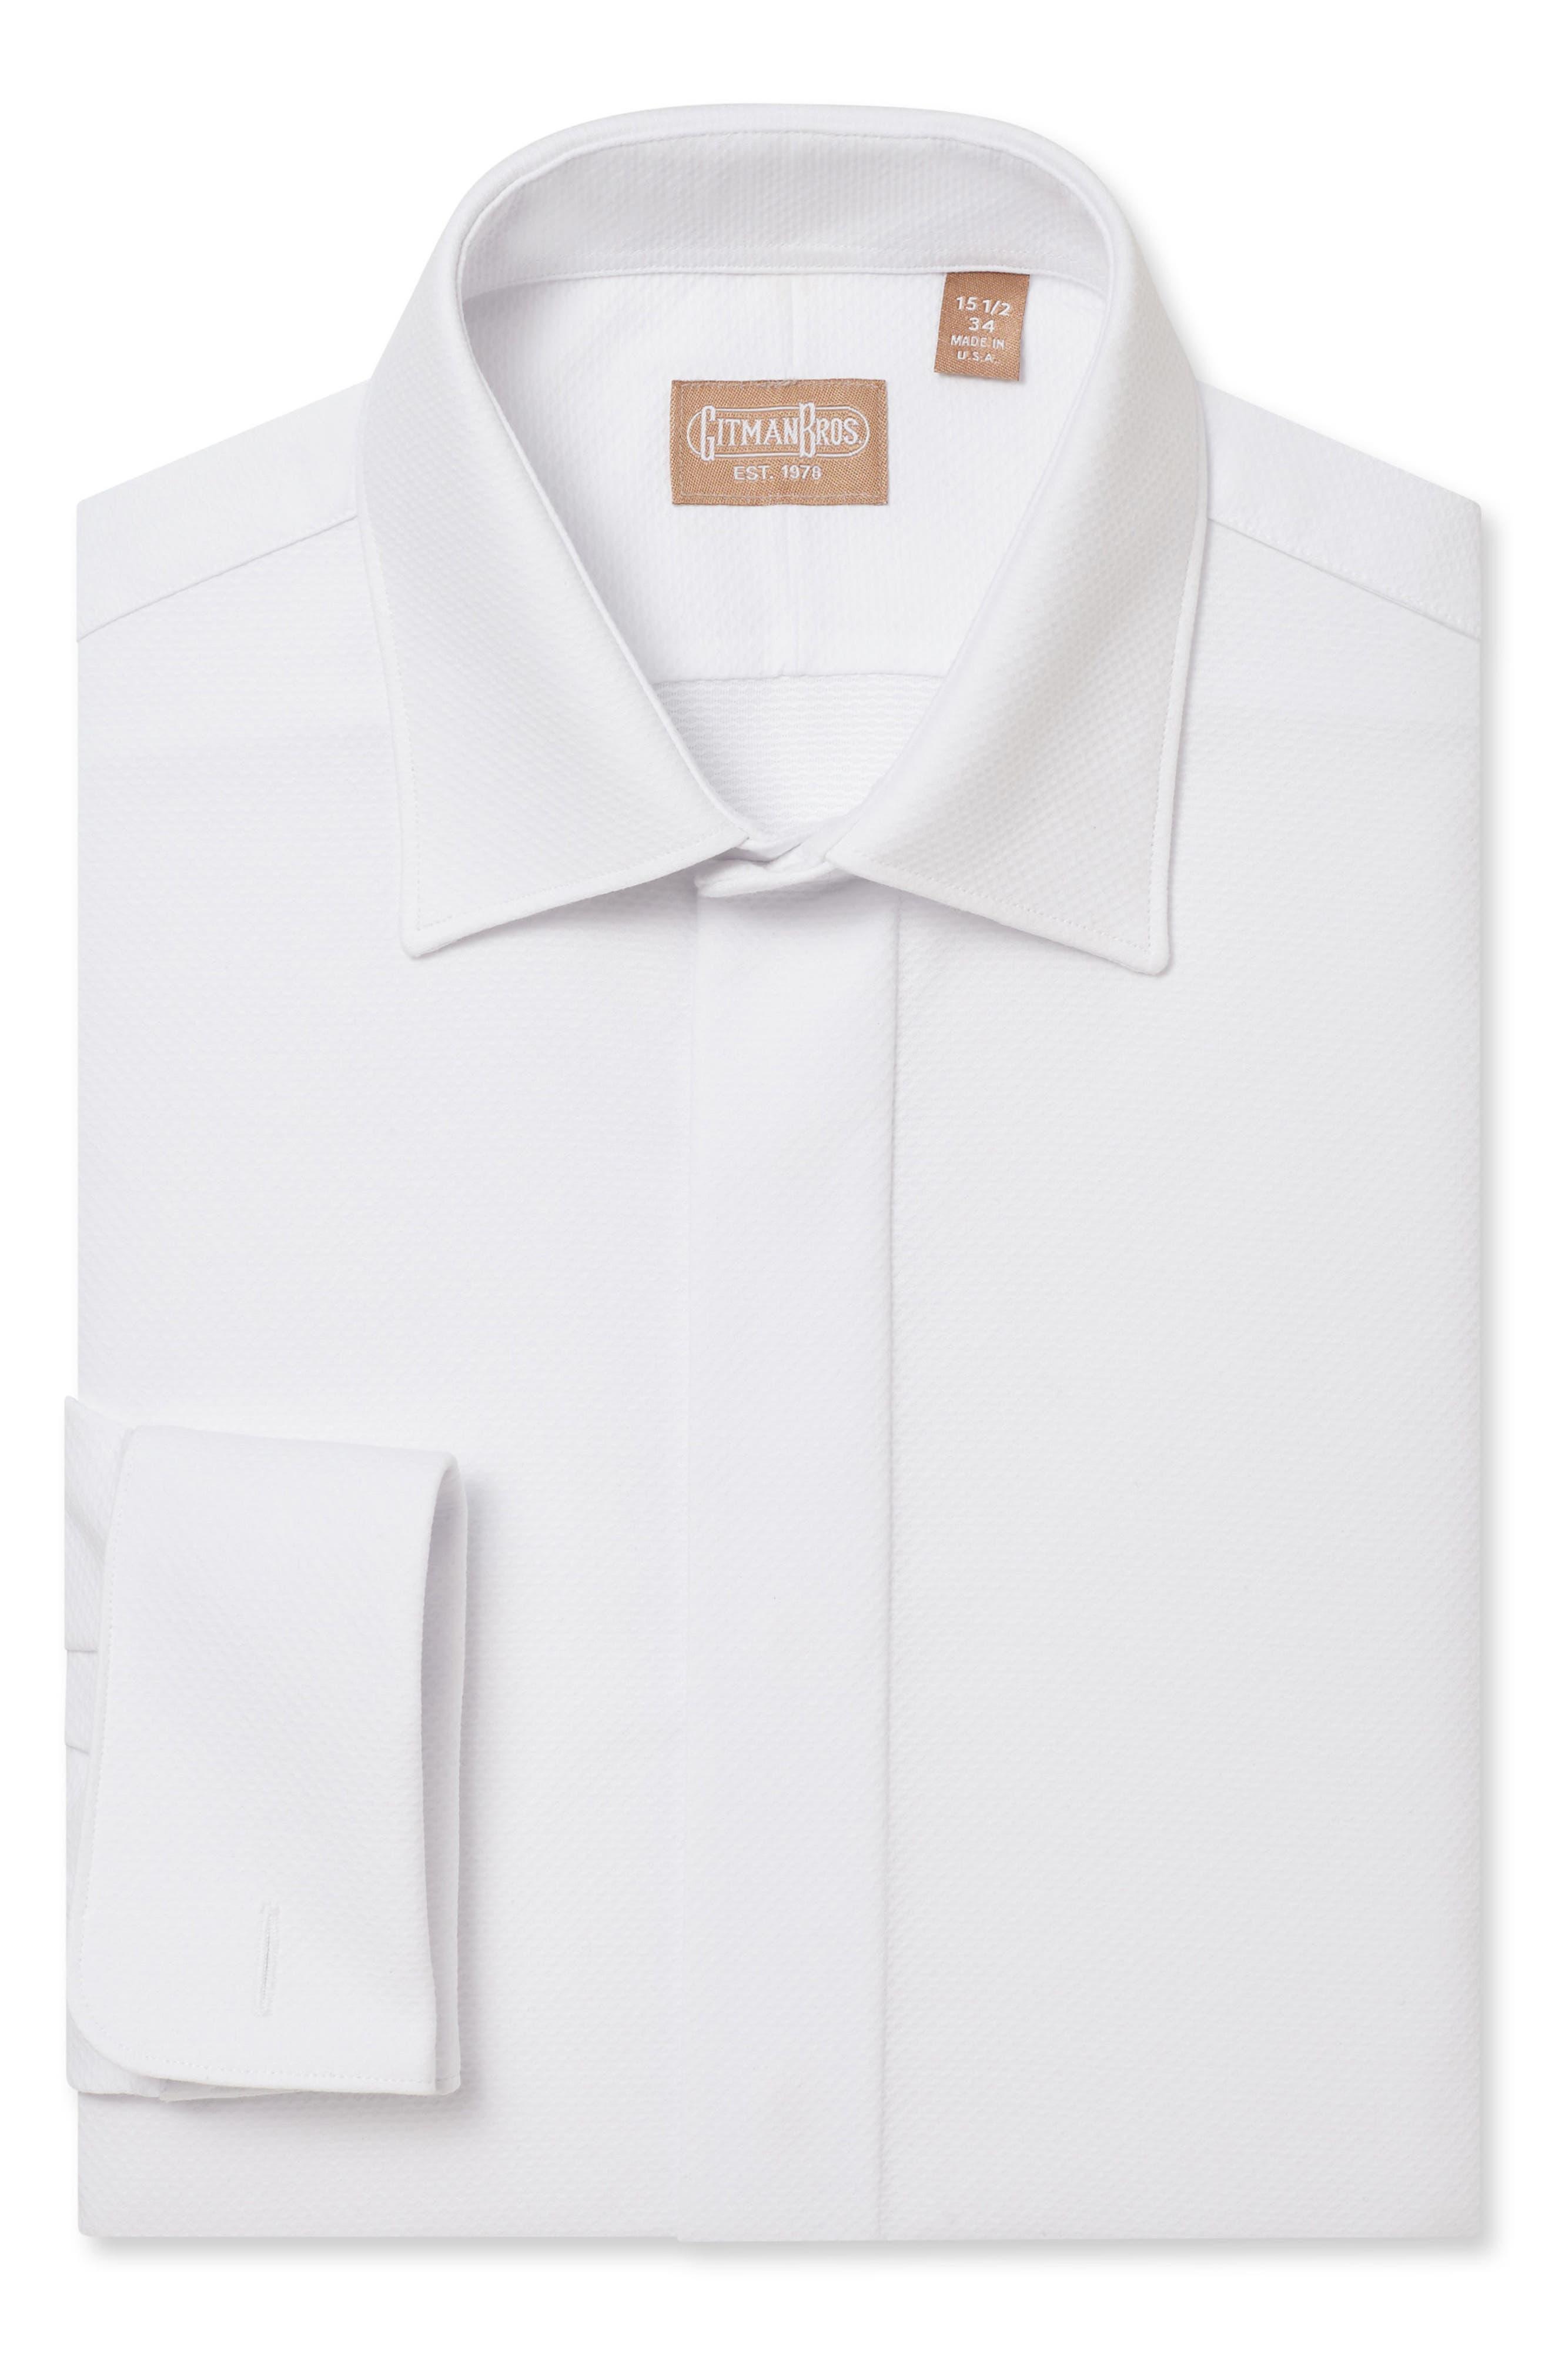 GITMAN Regular Fit Tuxedo Shirt, Main, color, WHITE